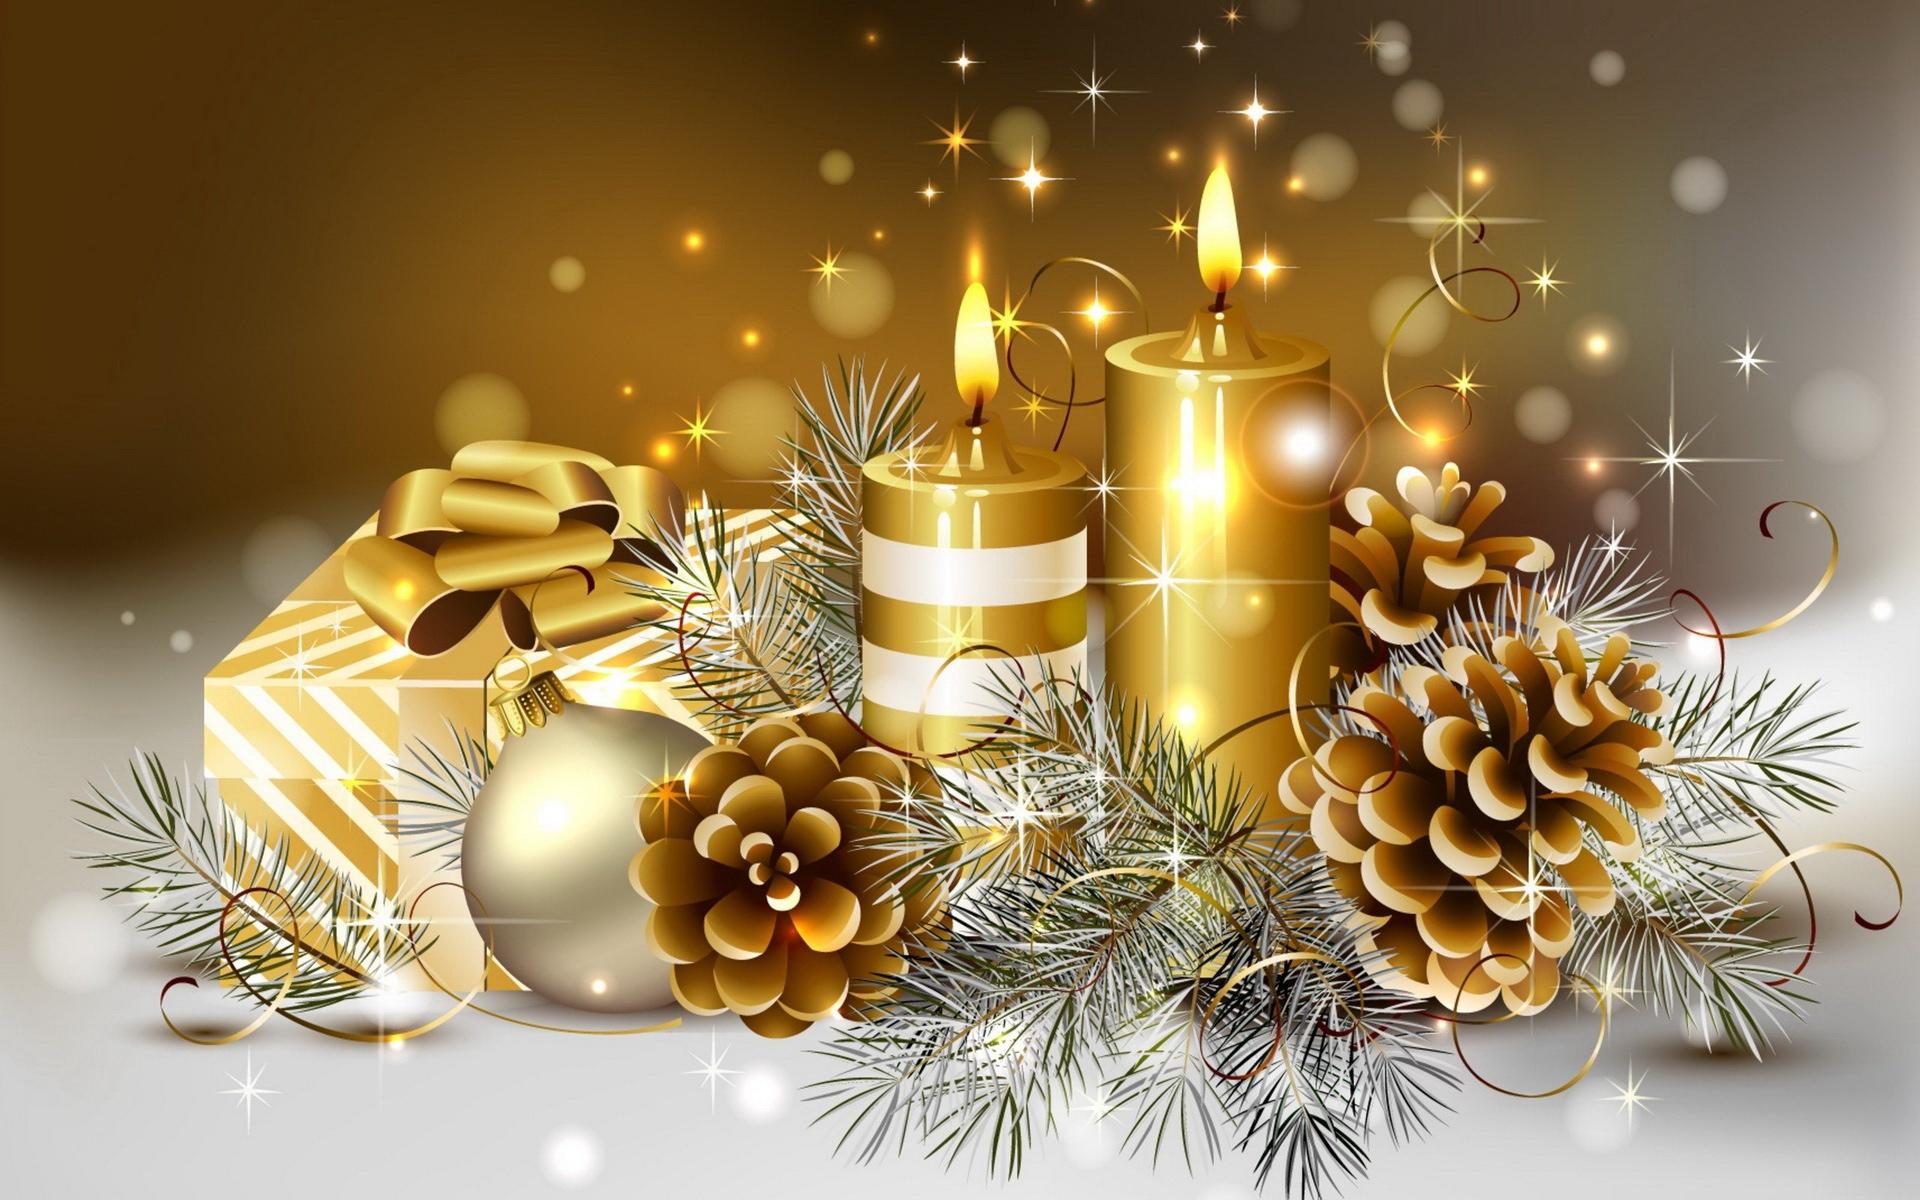 achtergrond kersttak goud